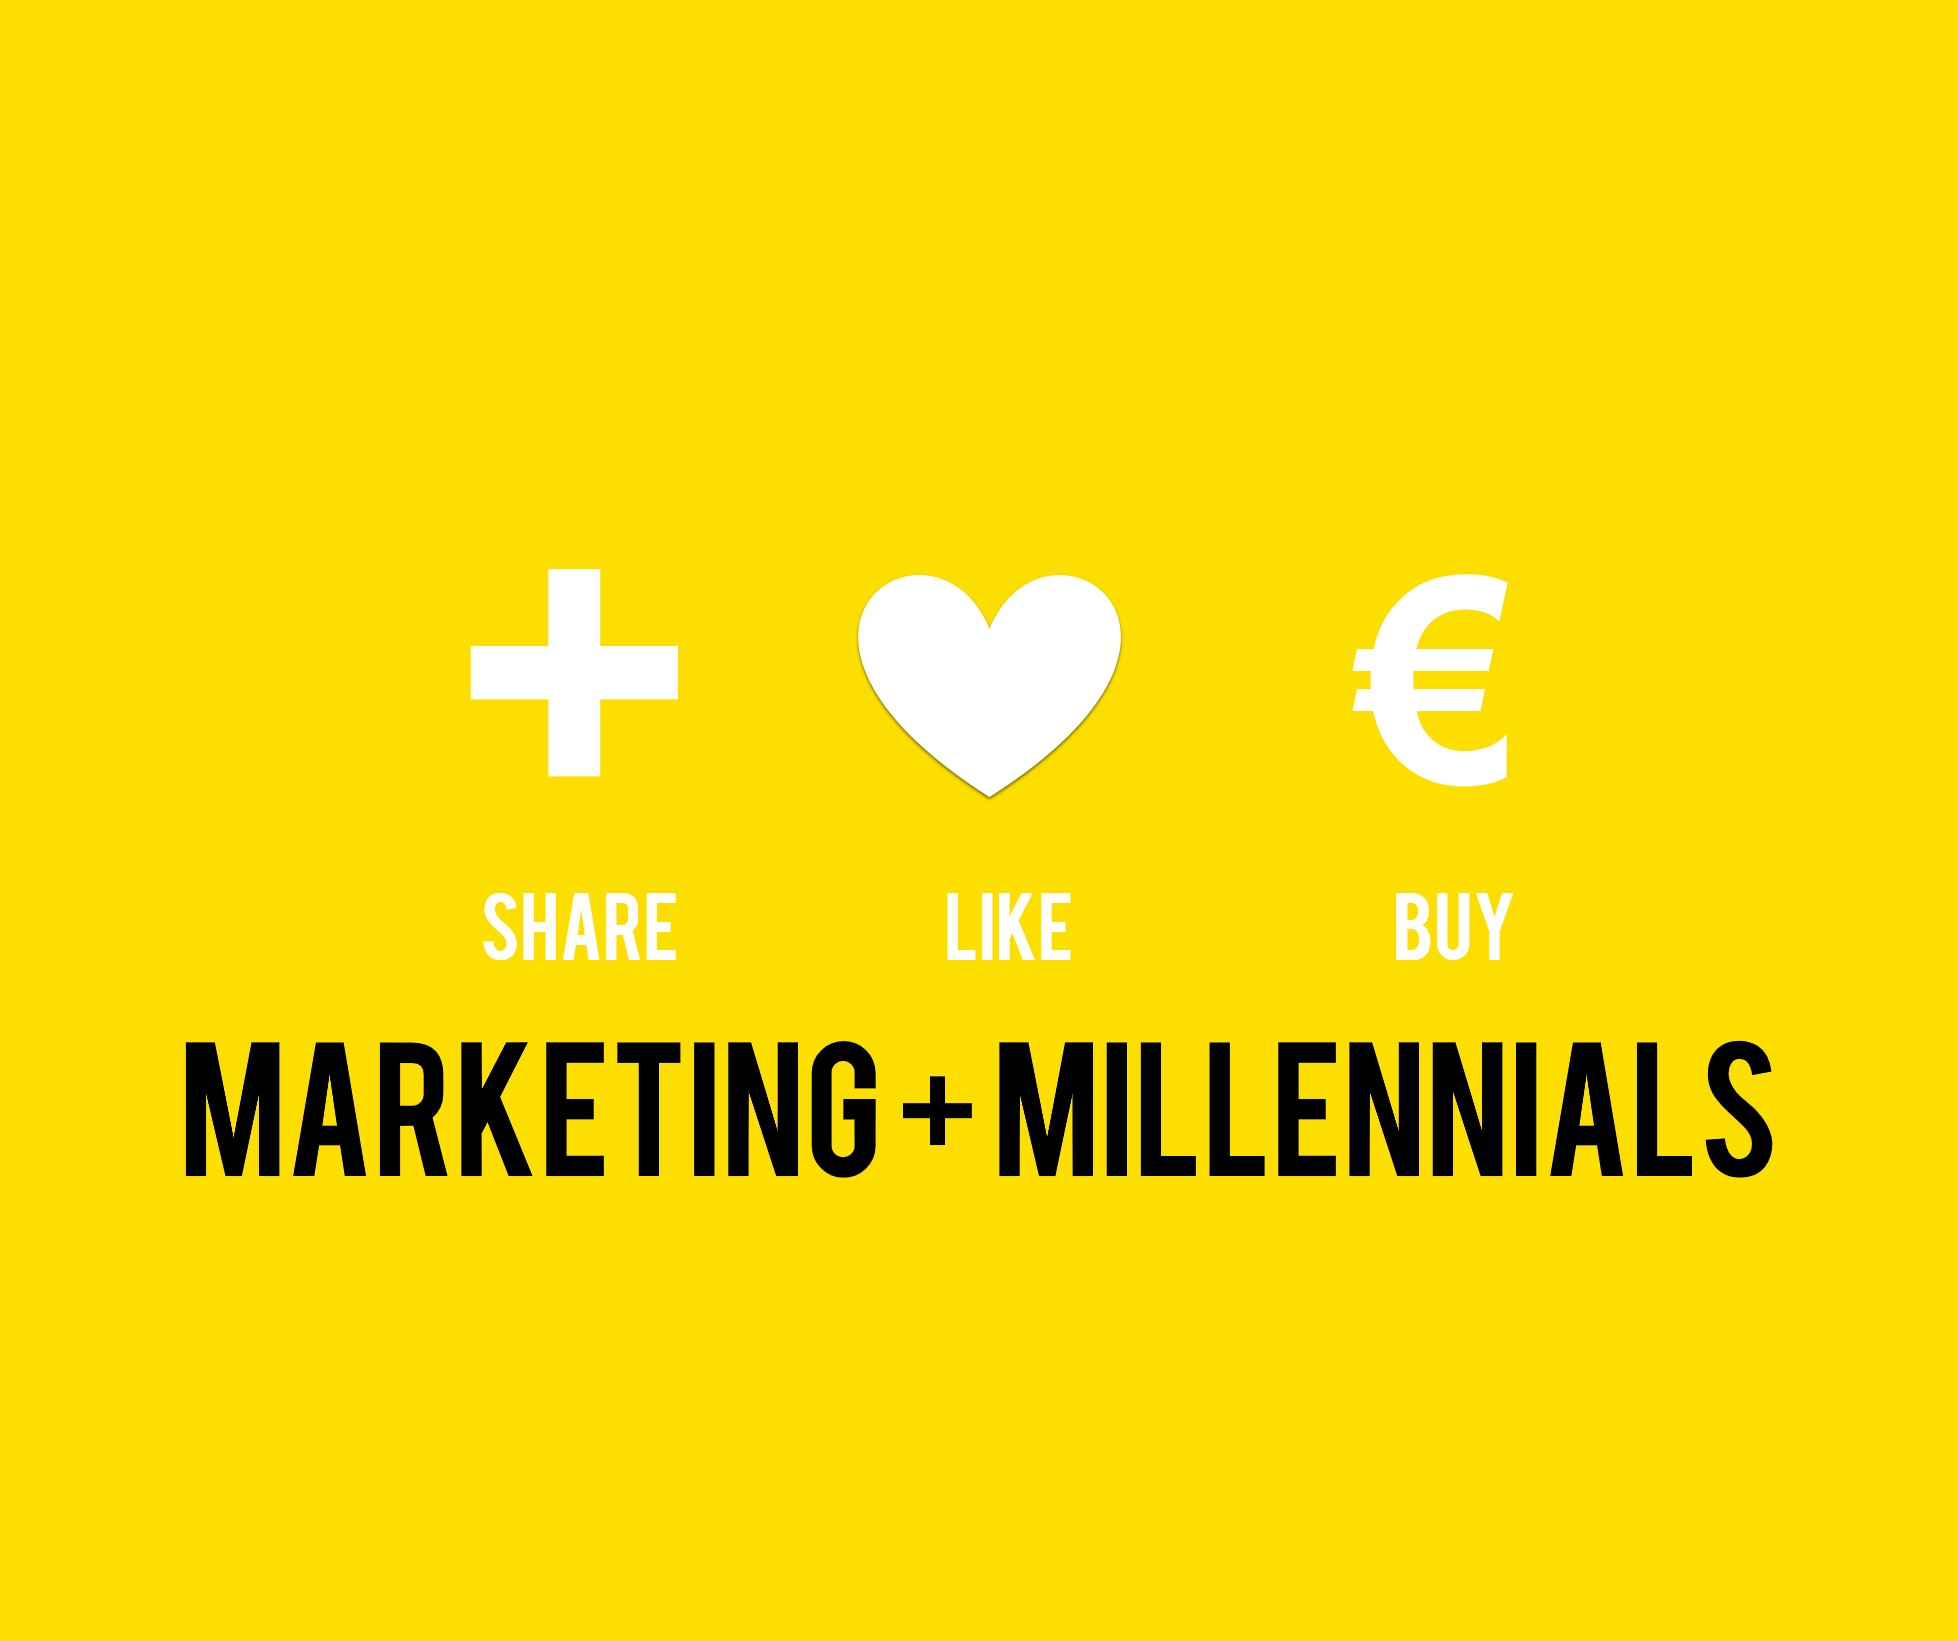 Marketing milenials